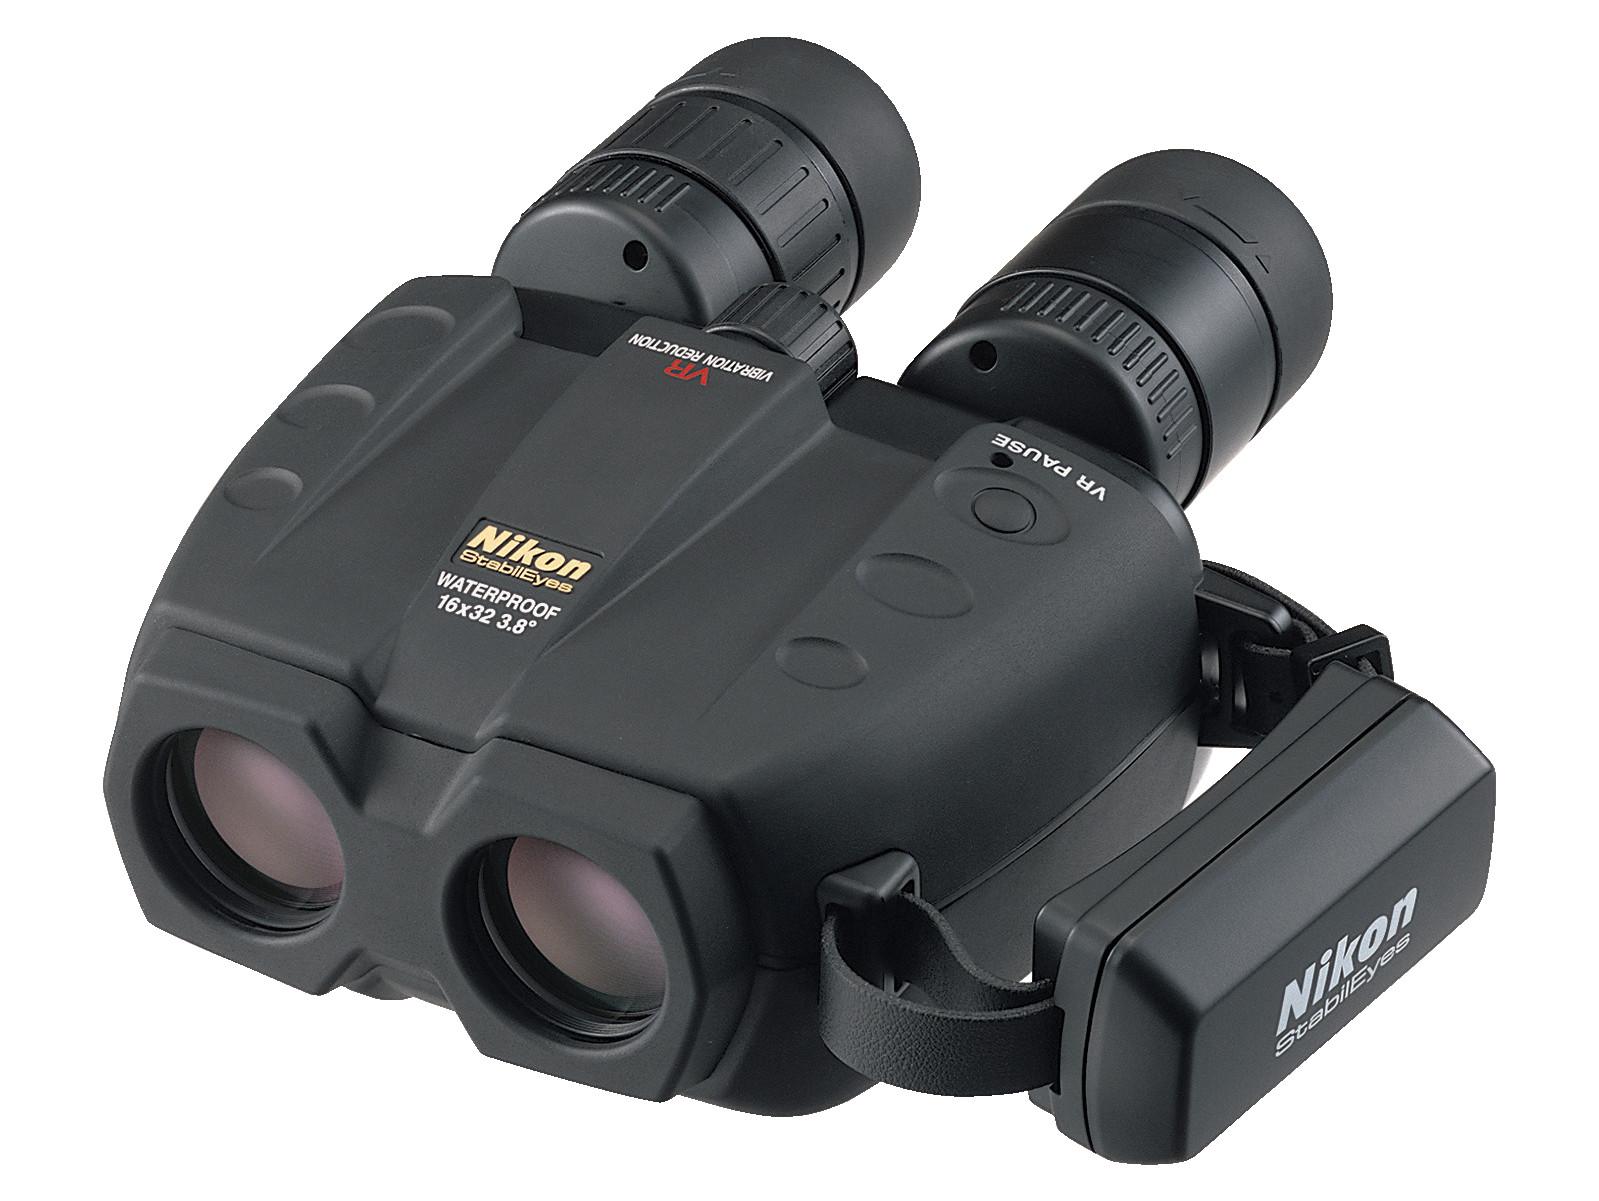 StabilEyes 16X32 避震型望遠鏡 雙筒望遠鏡/單眼鏡-高眼點設計